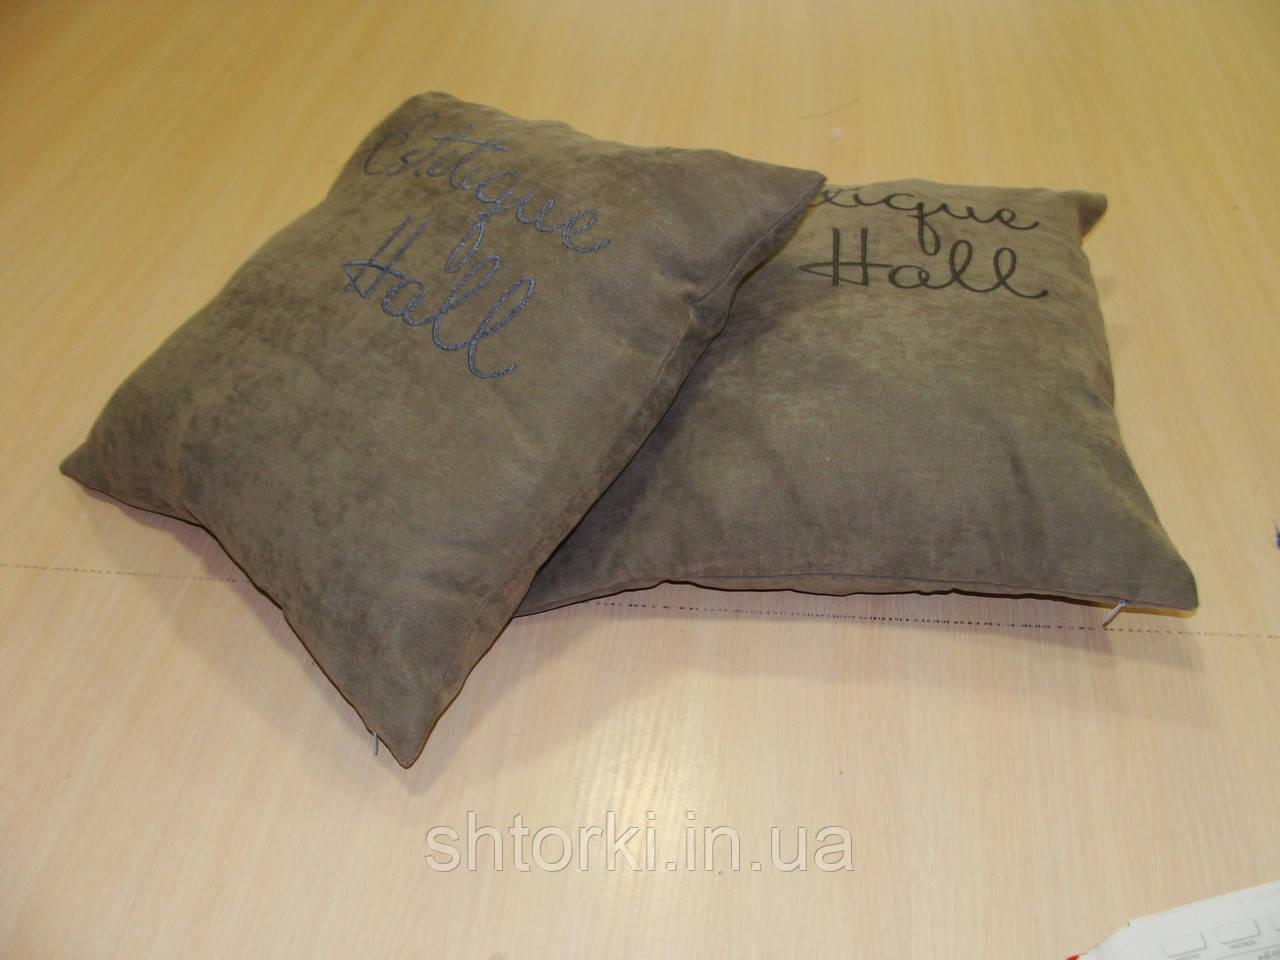 Комплект подушек серые с надписью, 40х40см